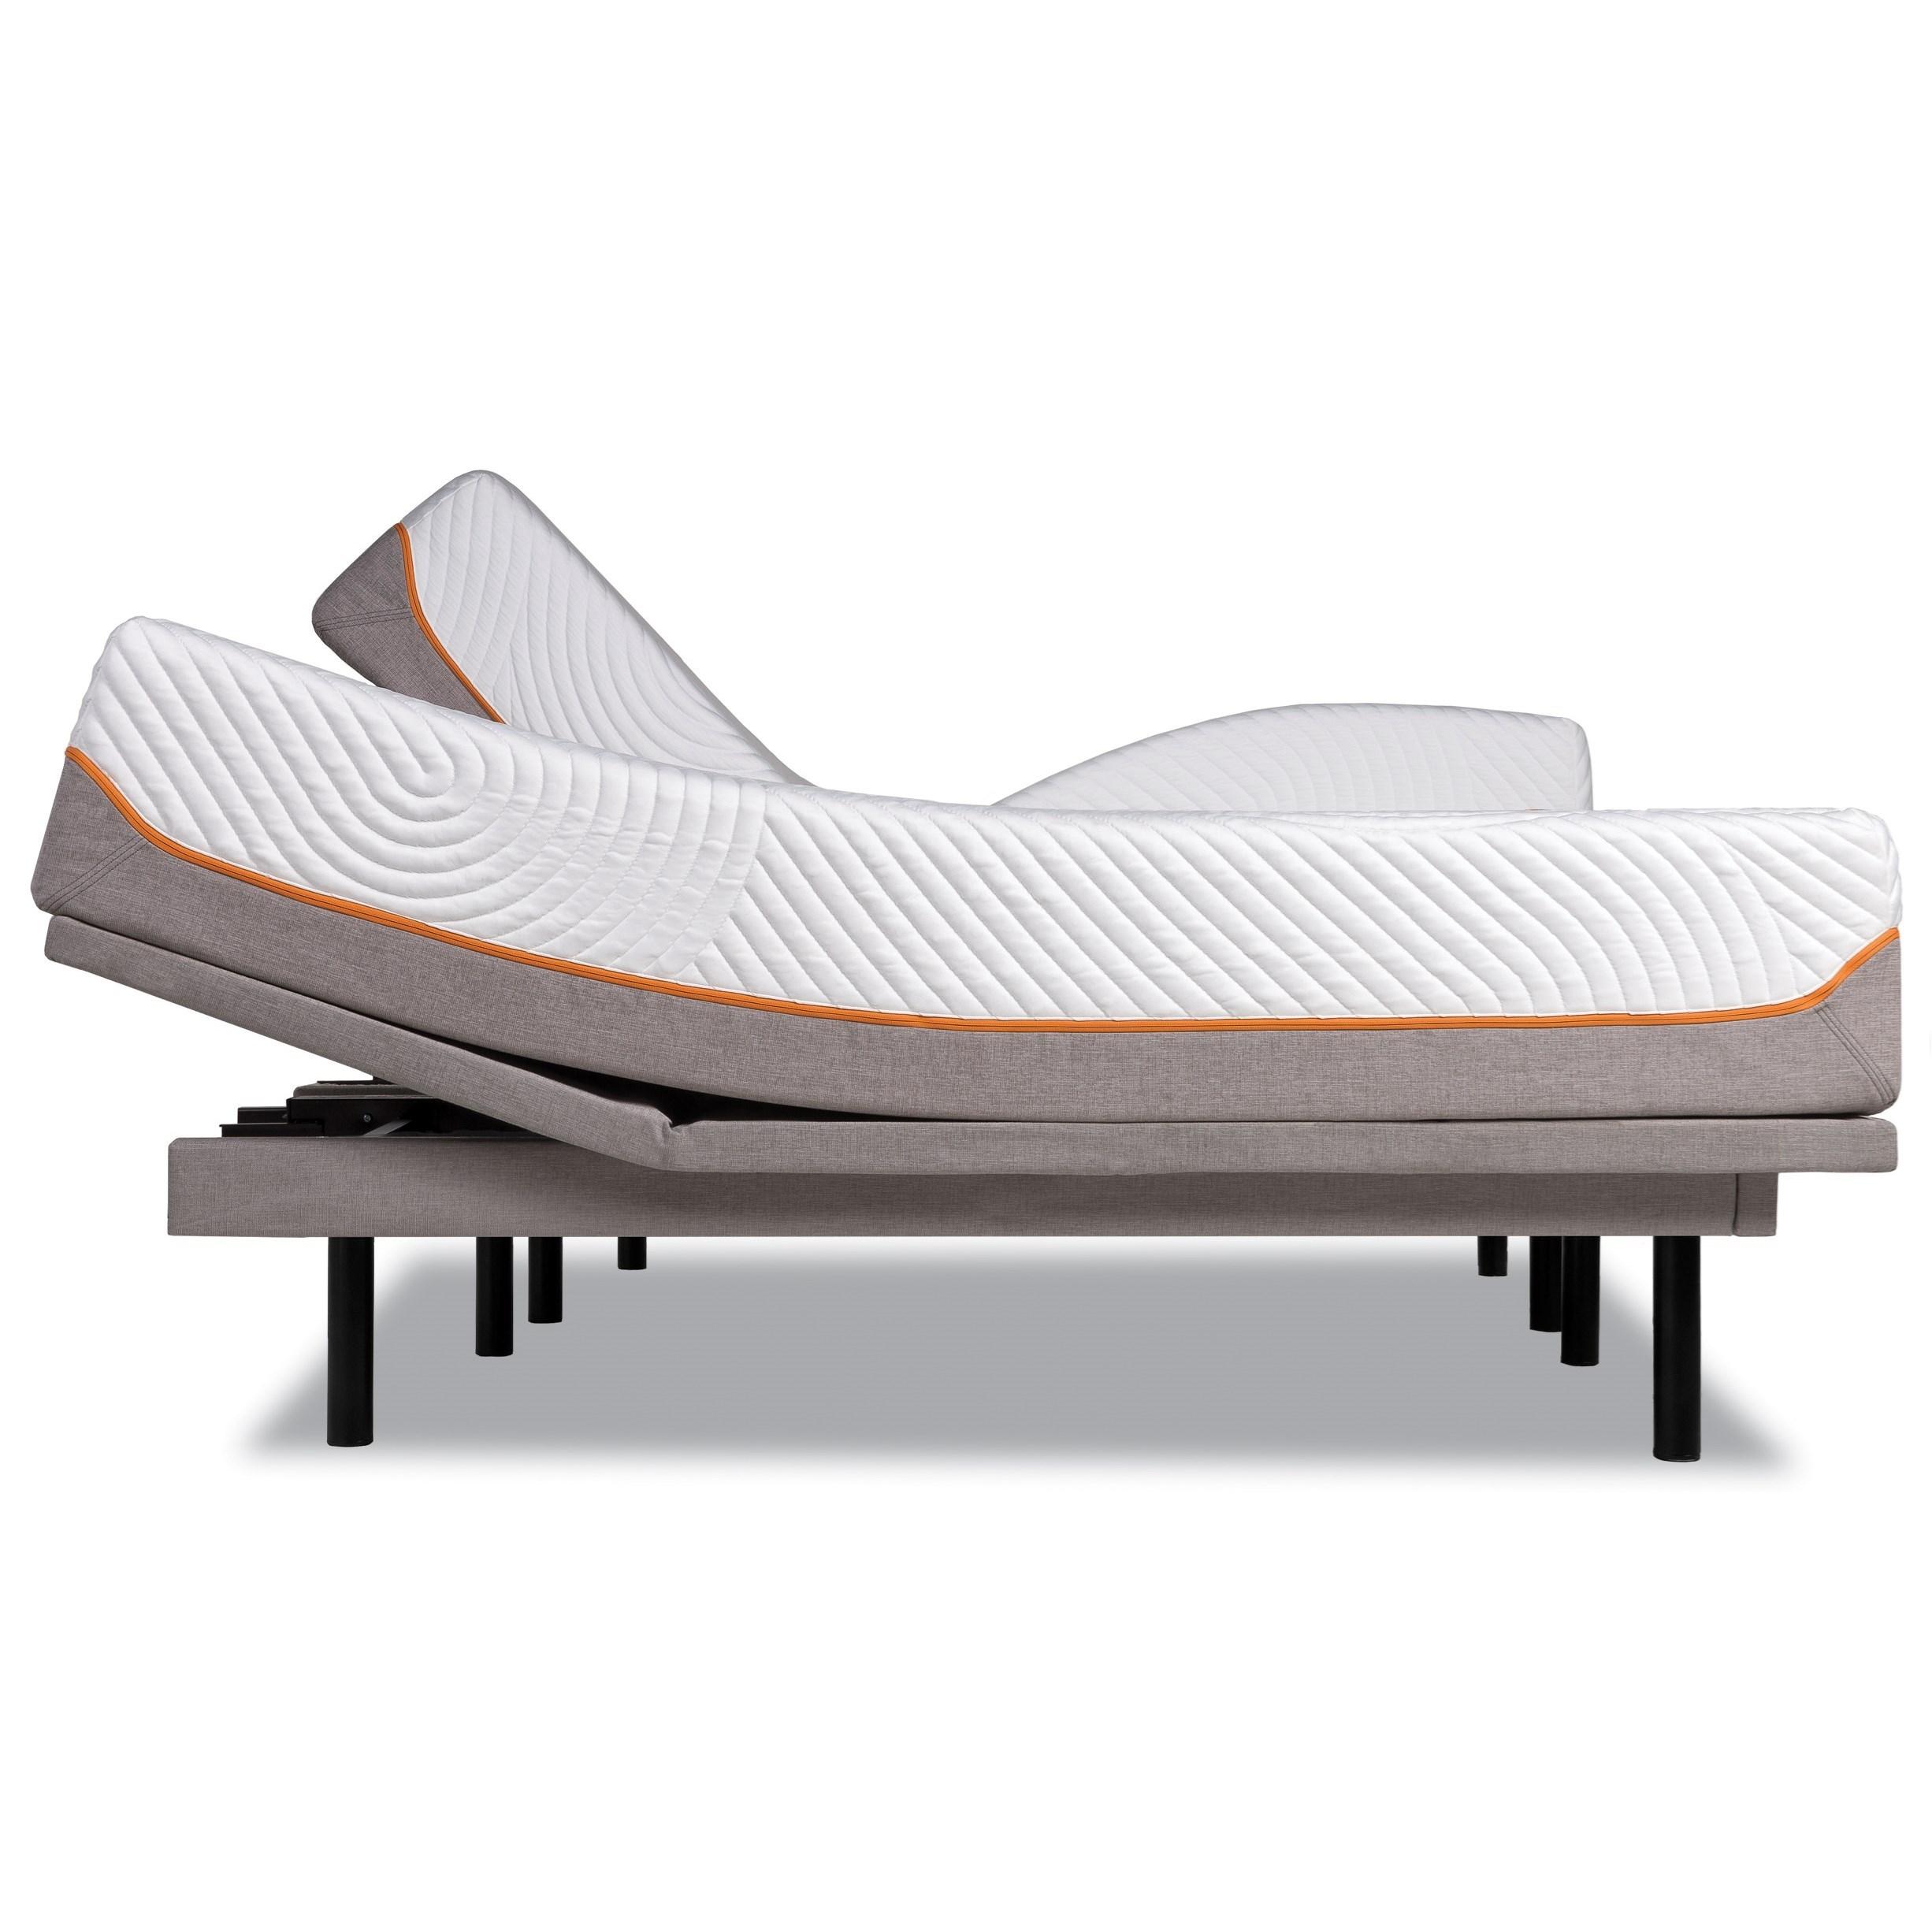 Tempur-Pedic® TEMPUR-Contour Rhapsody Luxe Queen Medium Firm Mattress, Adj Set - Item Number: 10258150+25289250